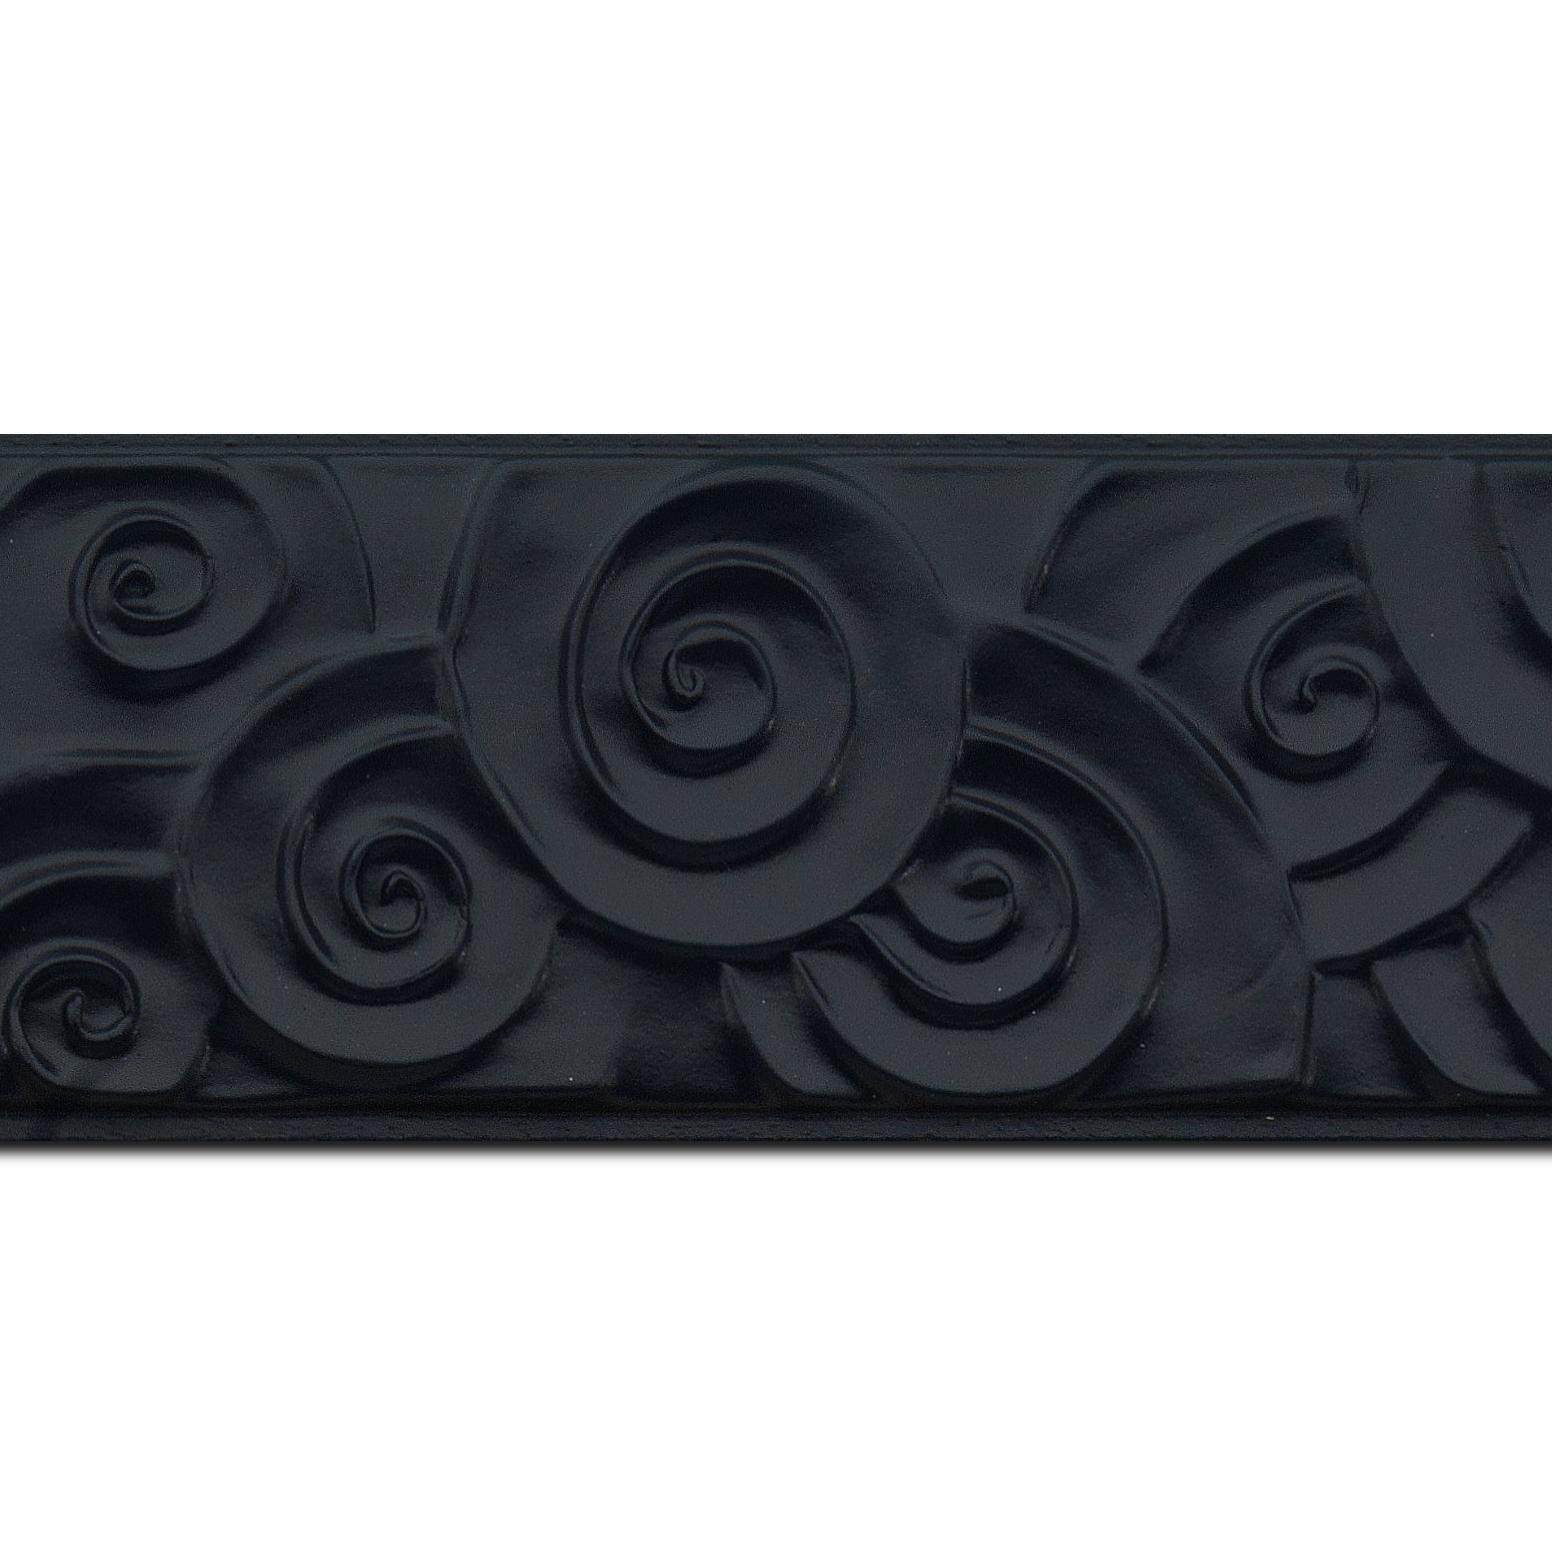 Pack par 12m, bois profil plat largeur 7cm couleur noir mat effet tourbillon (longueur baguette pouvant varier entre 2.40m et 3m selon arrivage des bois)